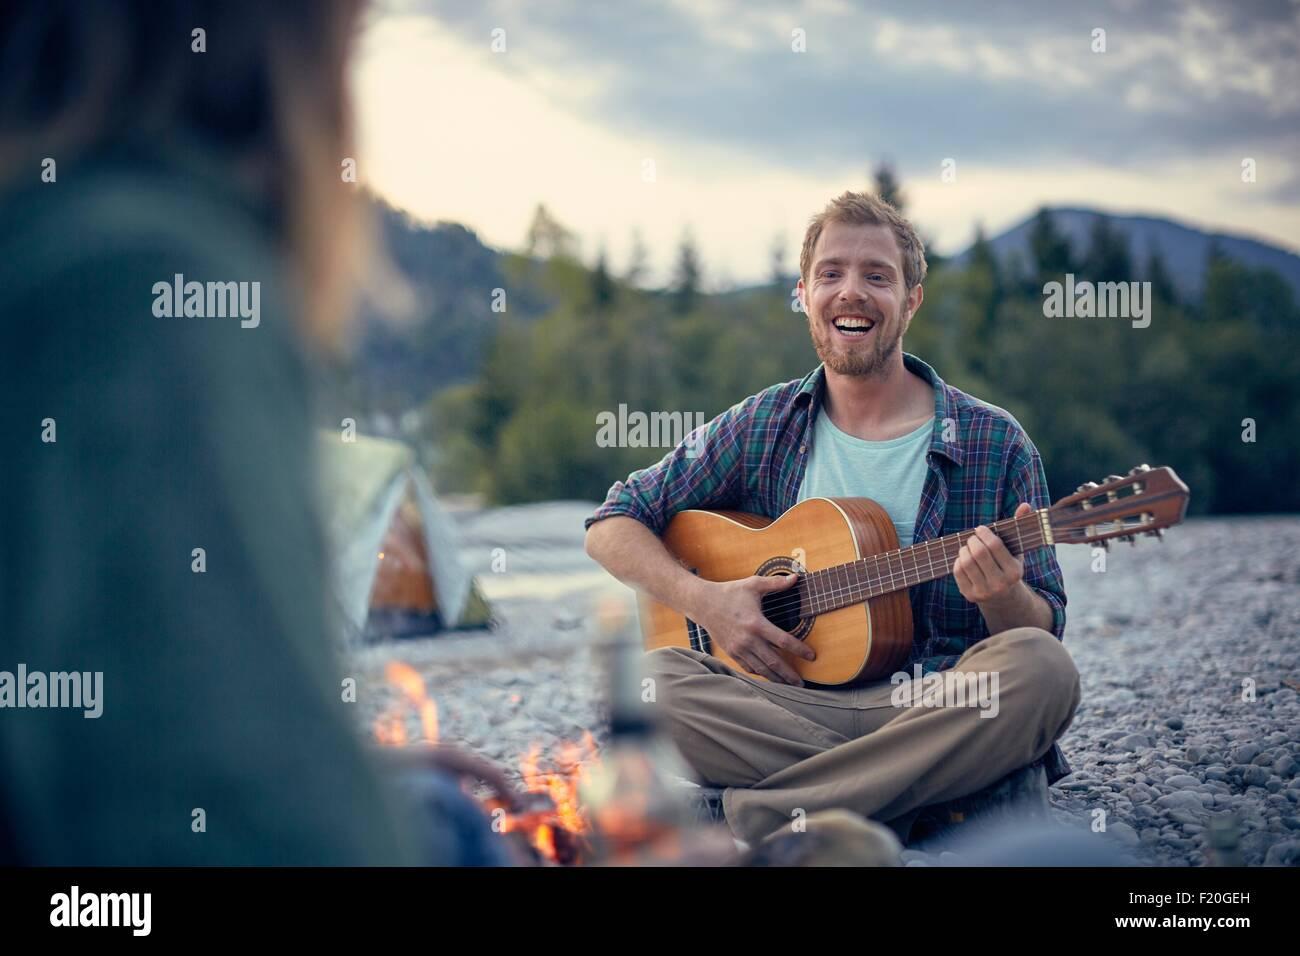 Vista frontal de la joven sentada por fogata tocando la guitarra Imagen De Stock